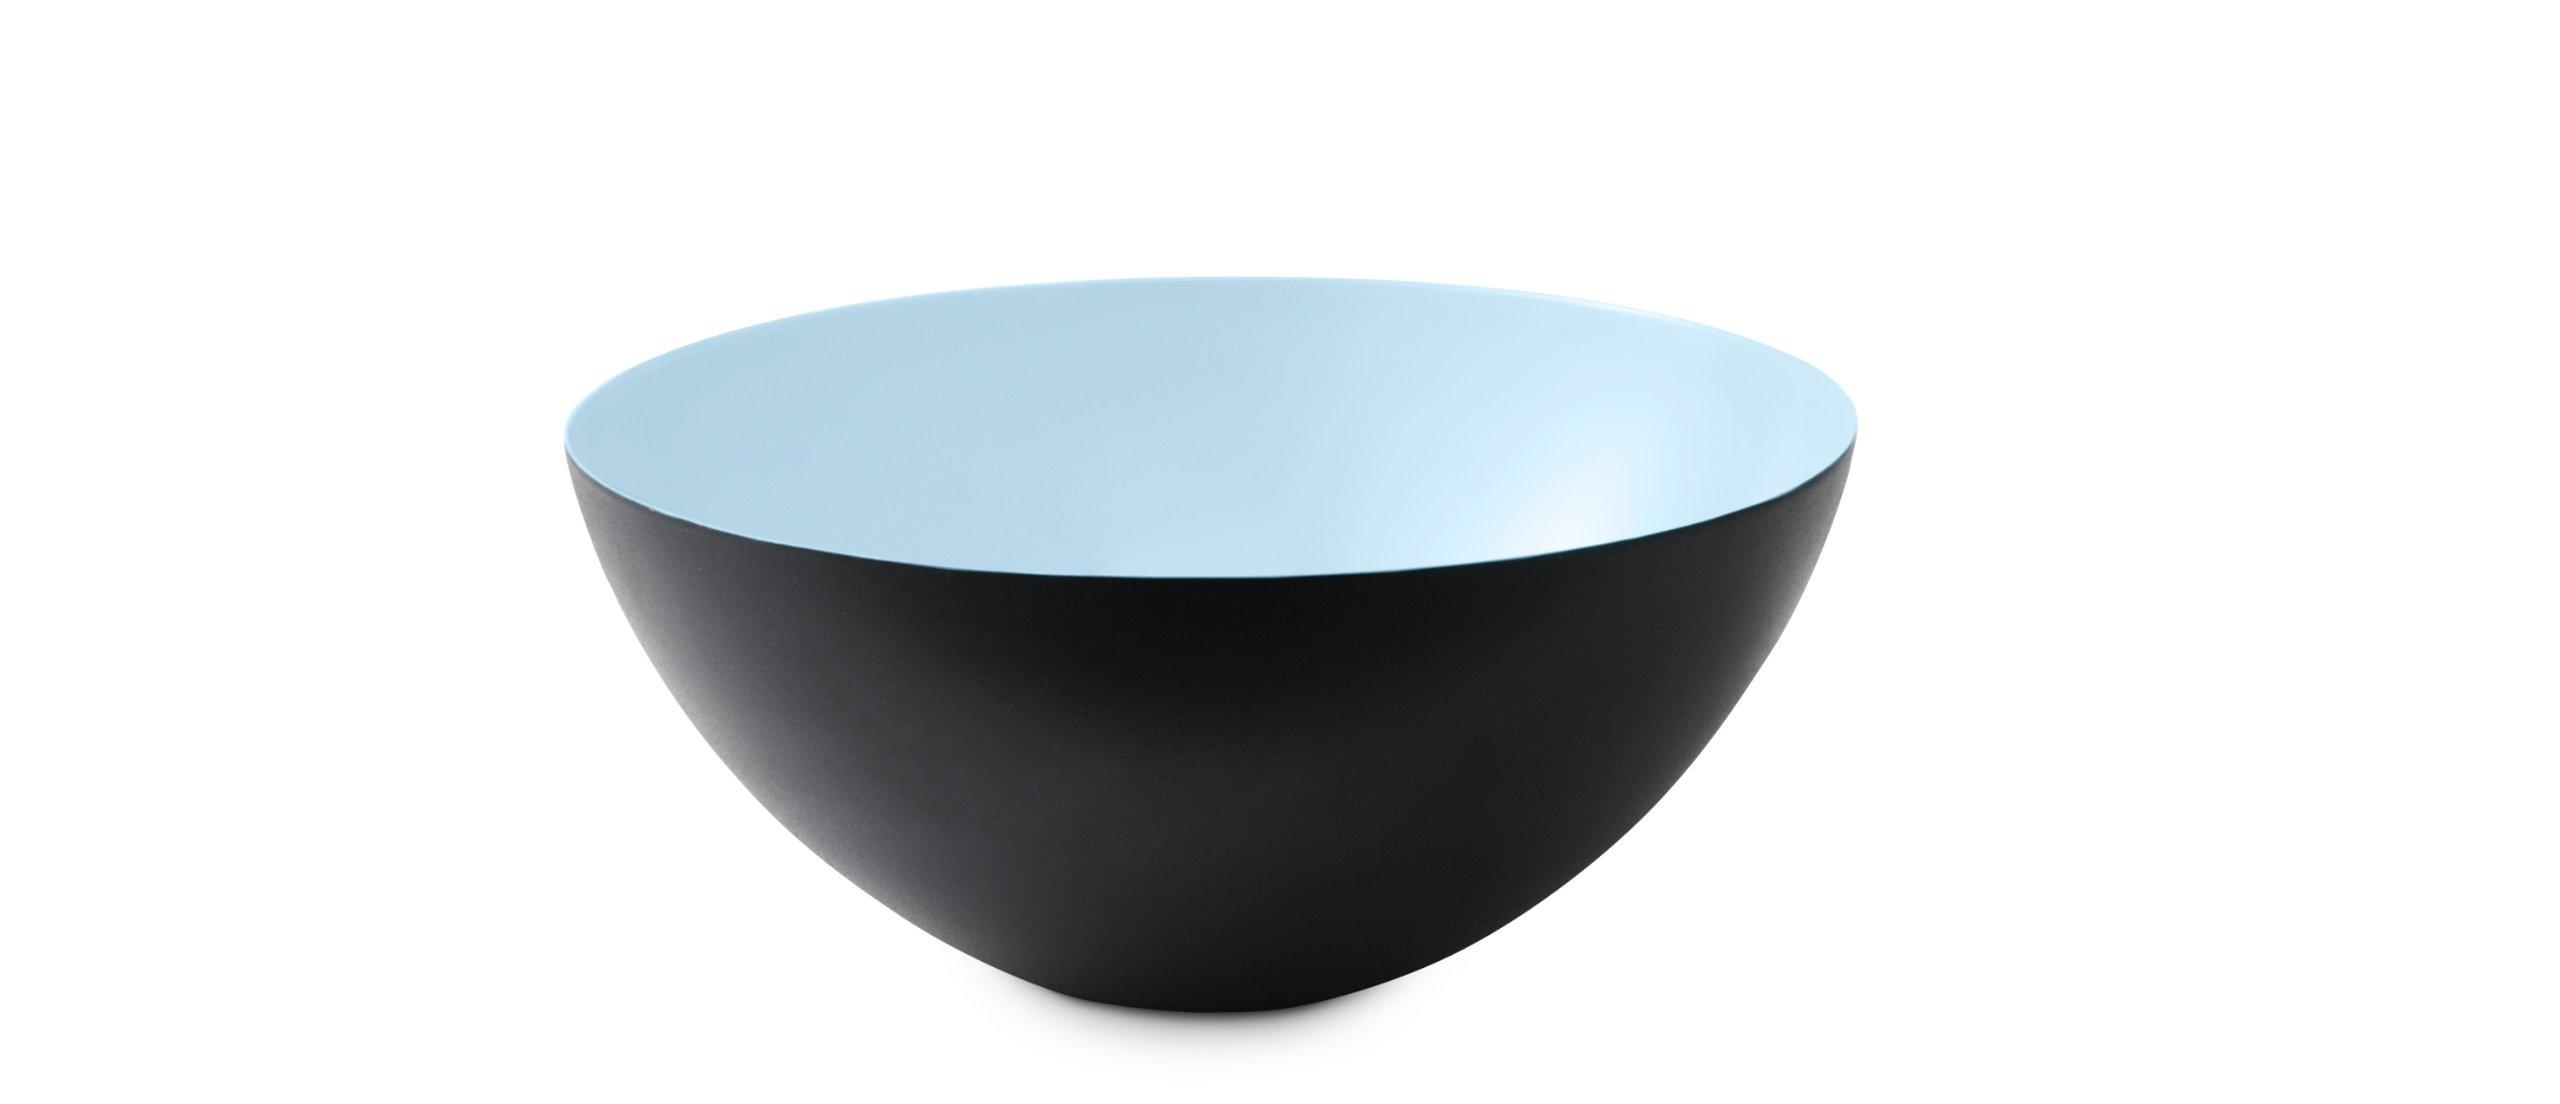 Krenit Round Edge Steel Bowl, 16cm Diameter, Light Blue